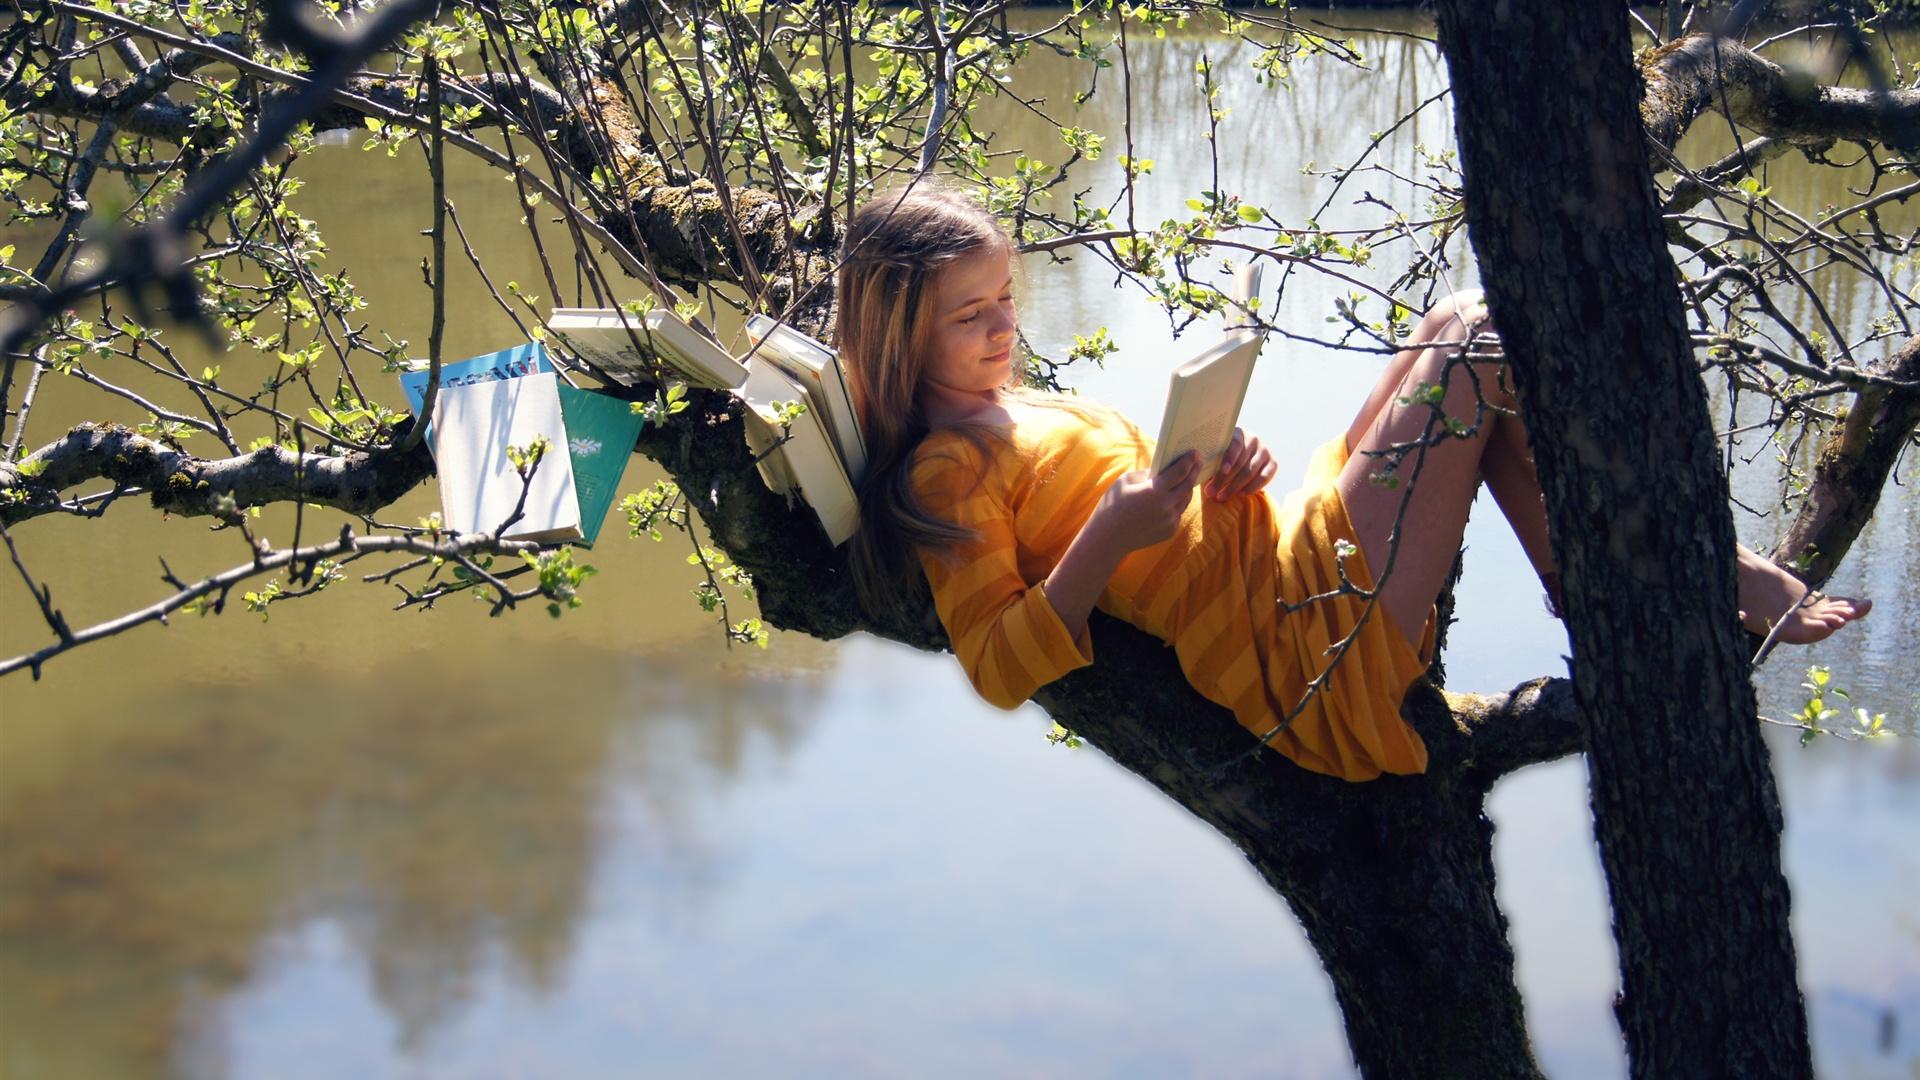 読書 女の子 木の上 1